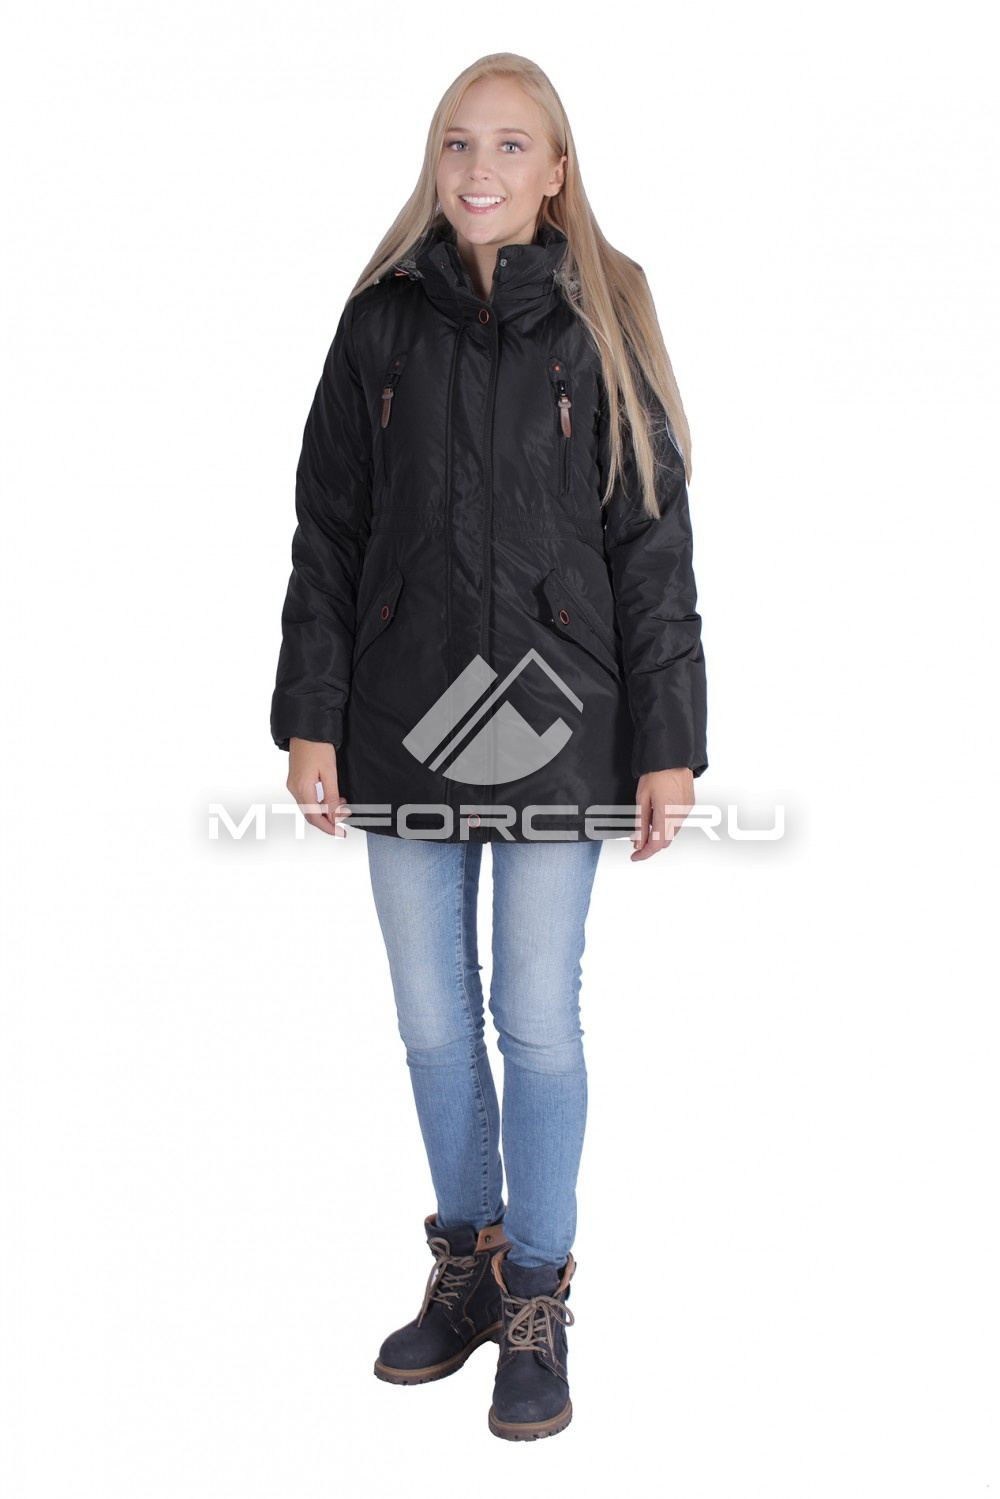 Купить                                  оптом Итальянская куртка женская черного цвета 1689Ch